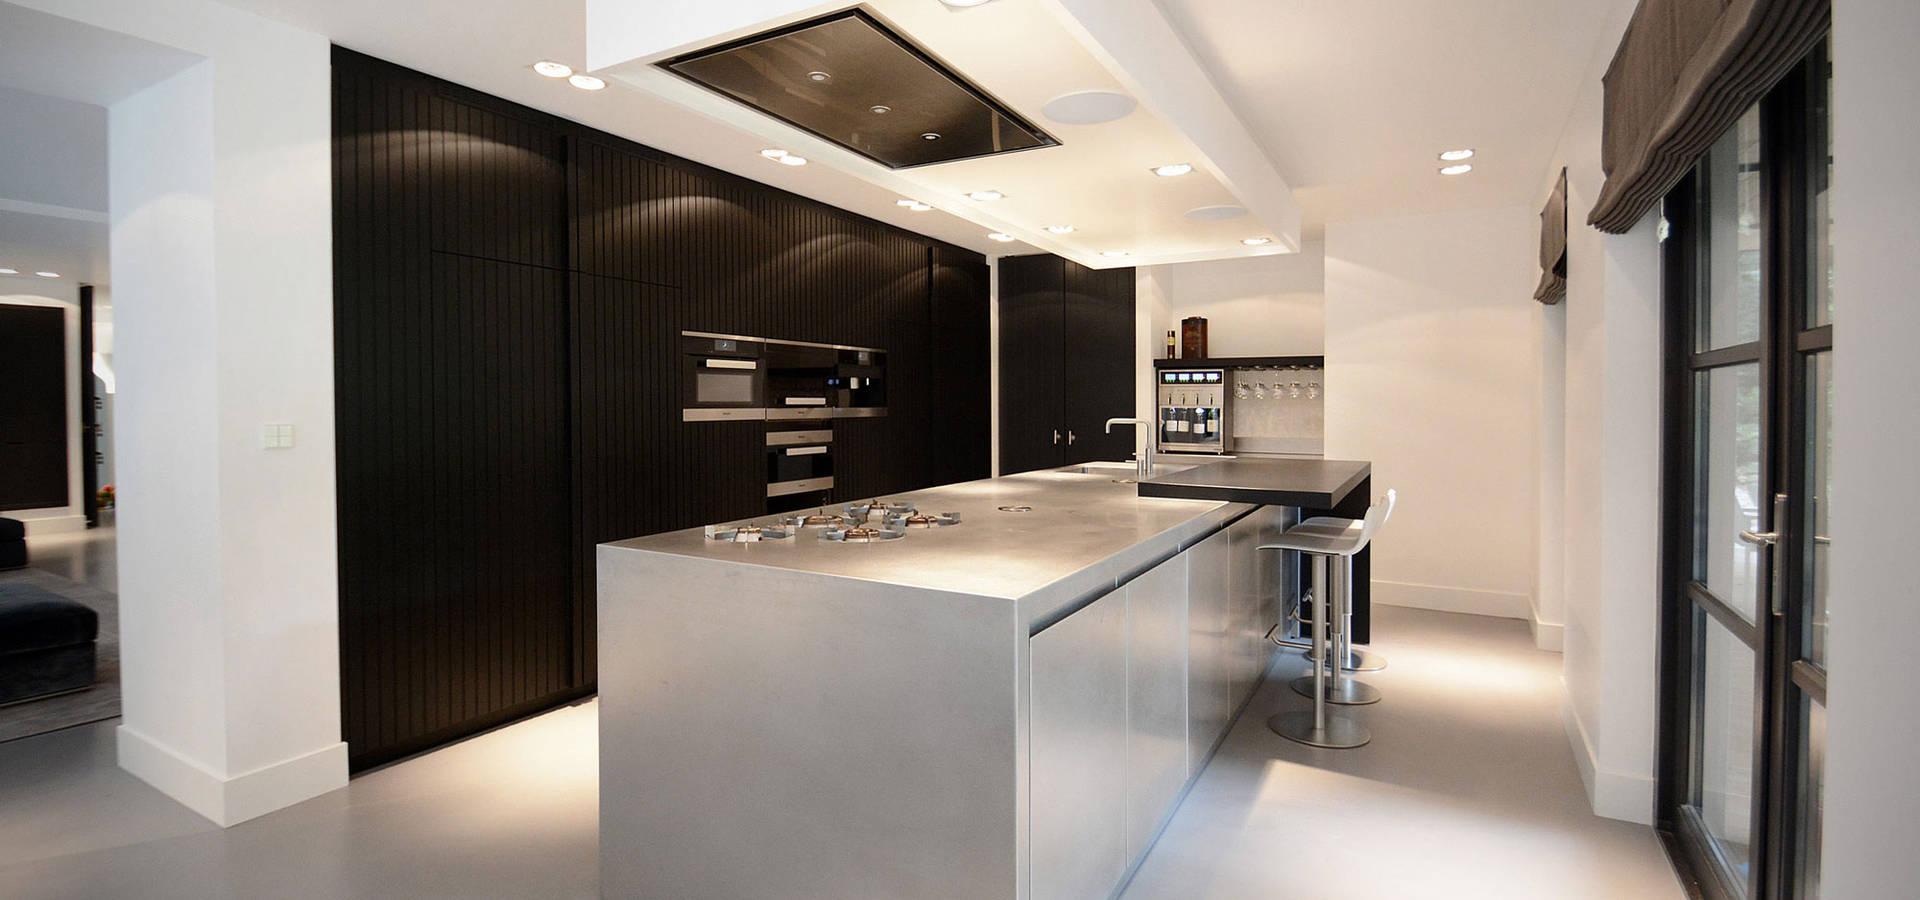 Ecker keukens en interieur dise adores de cocinas en waalwijk homify - Disenadores de cocinas ...